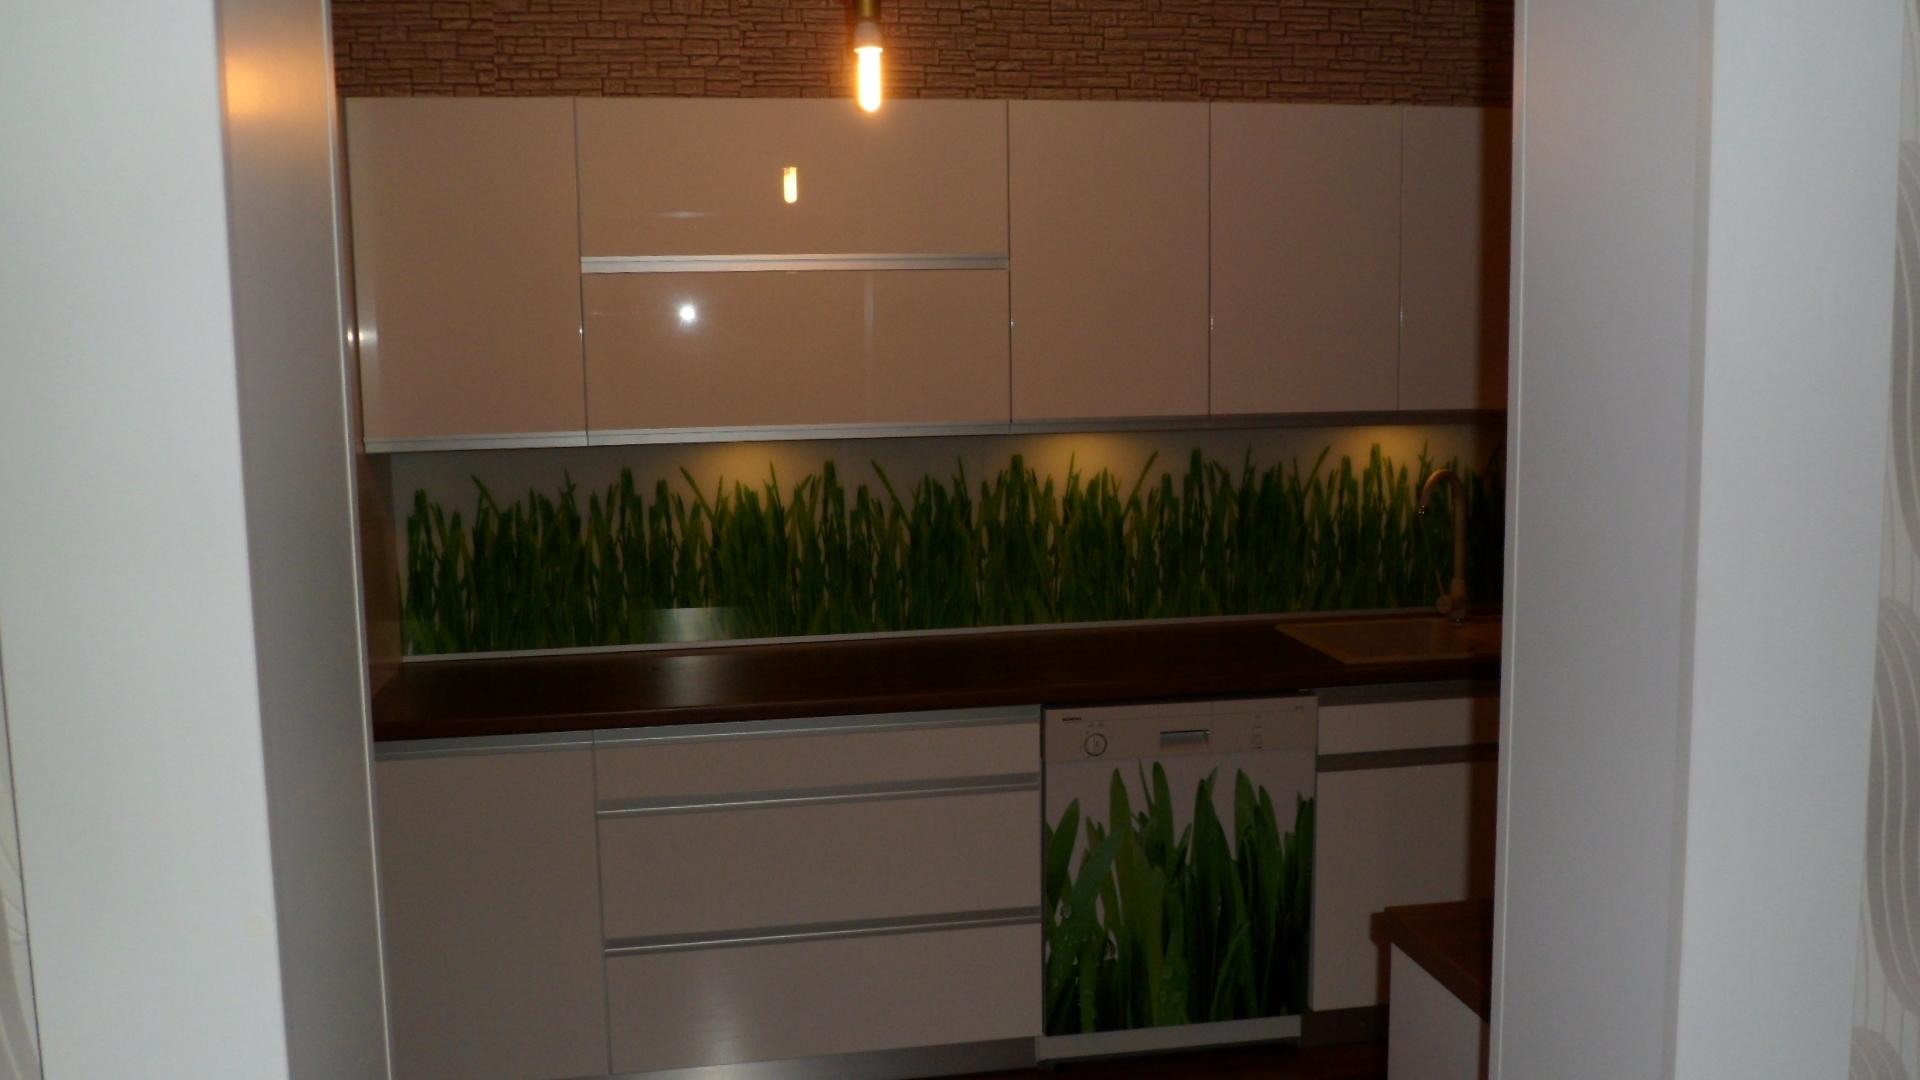 Oświetlenie Led W Kuchni Ndywidualne Projekty Mebli